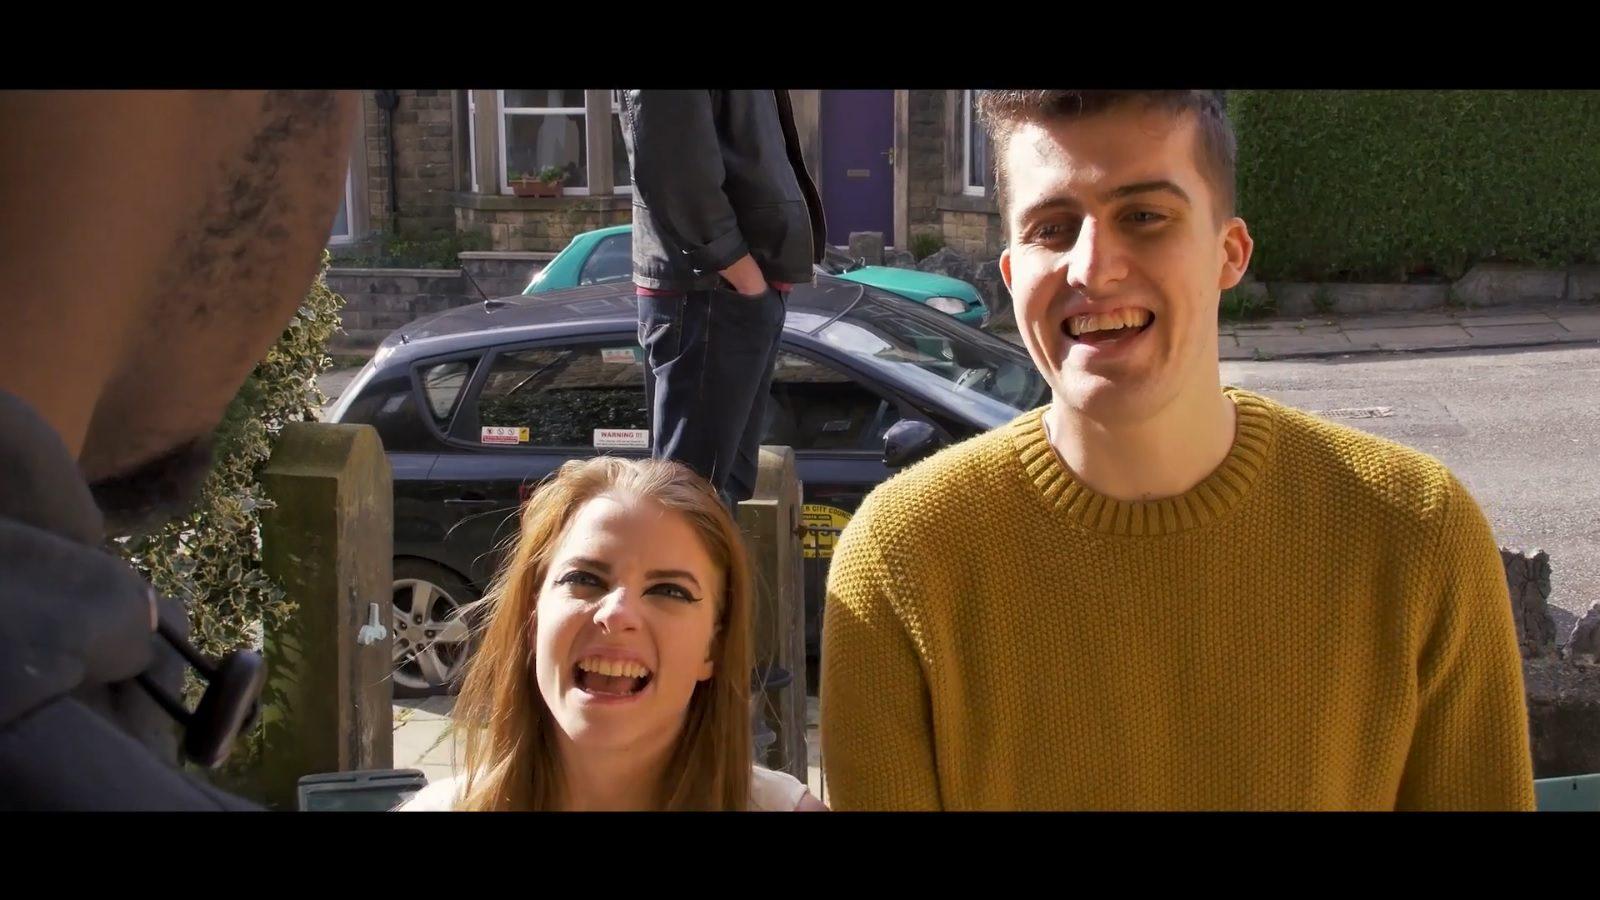 Still from LUFP student short film